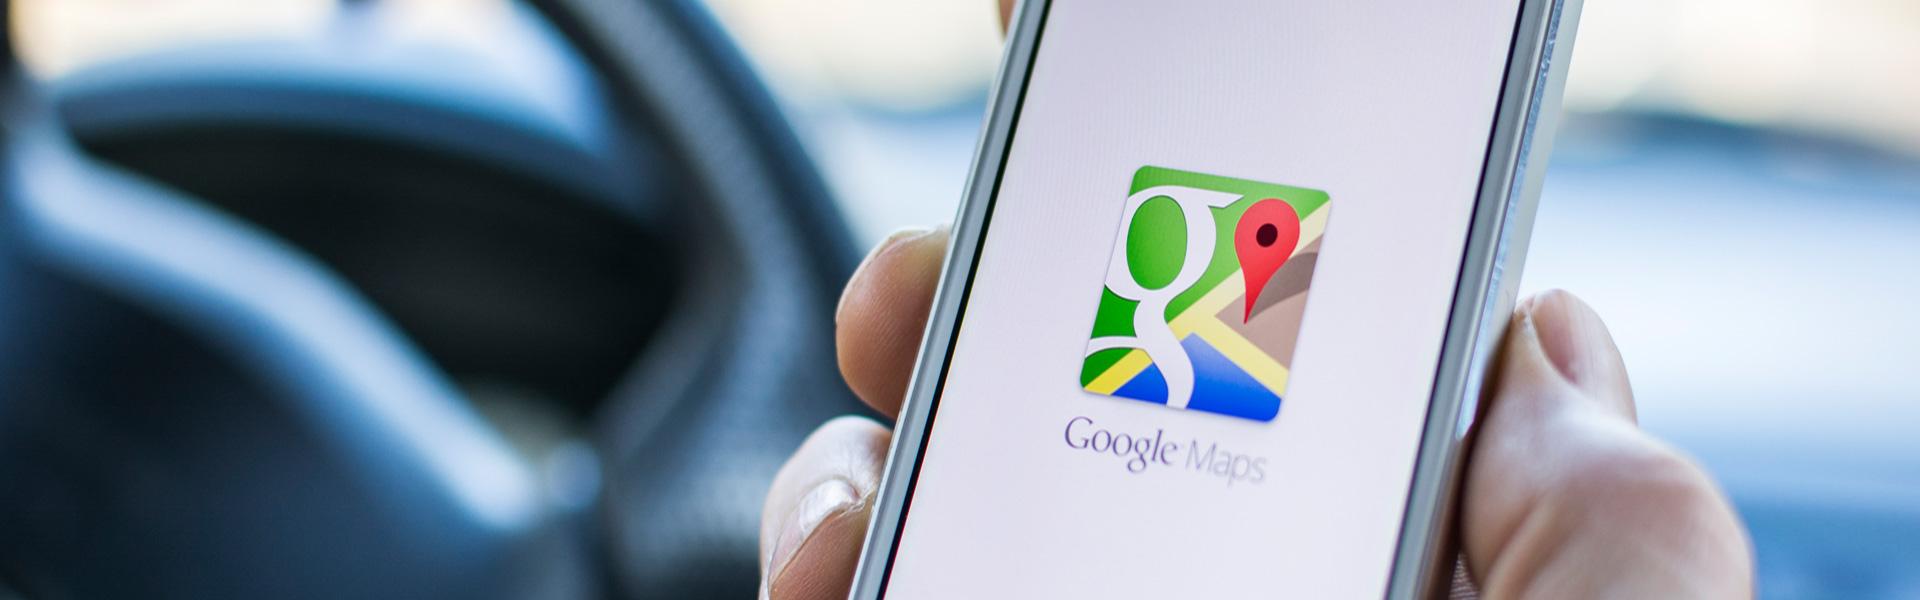 banner-รับปักหมุดGoogleMap